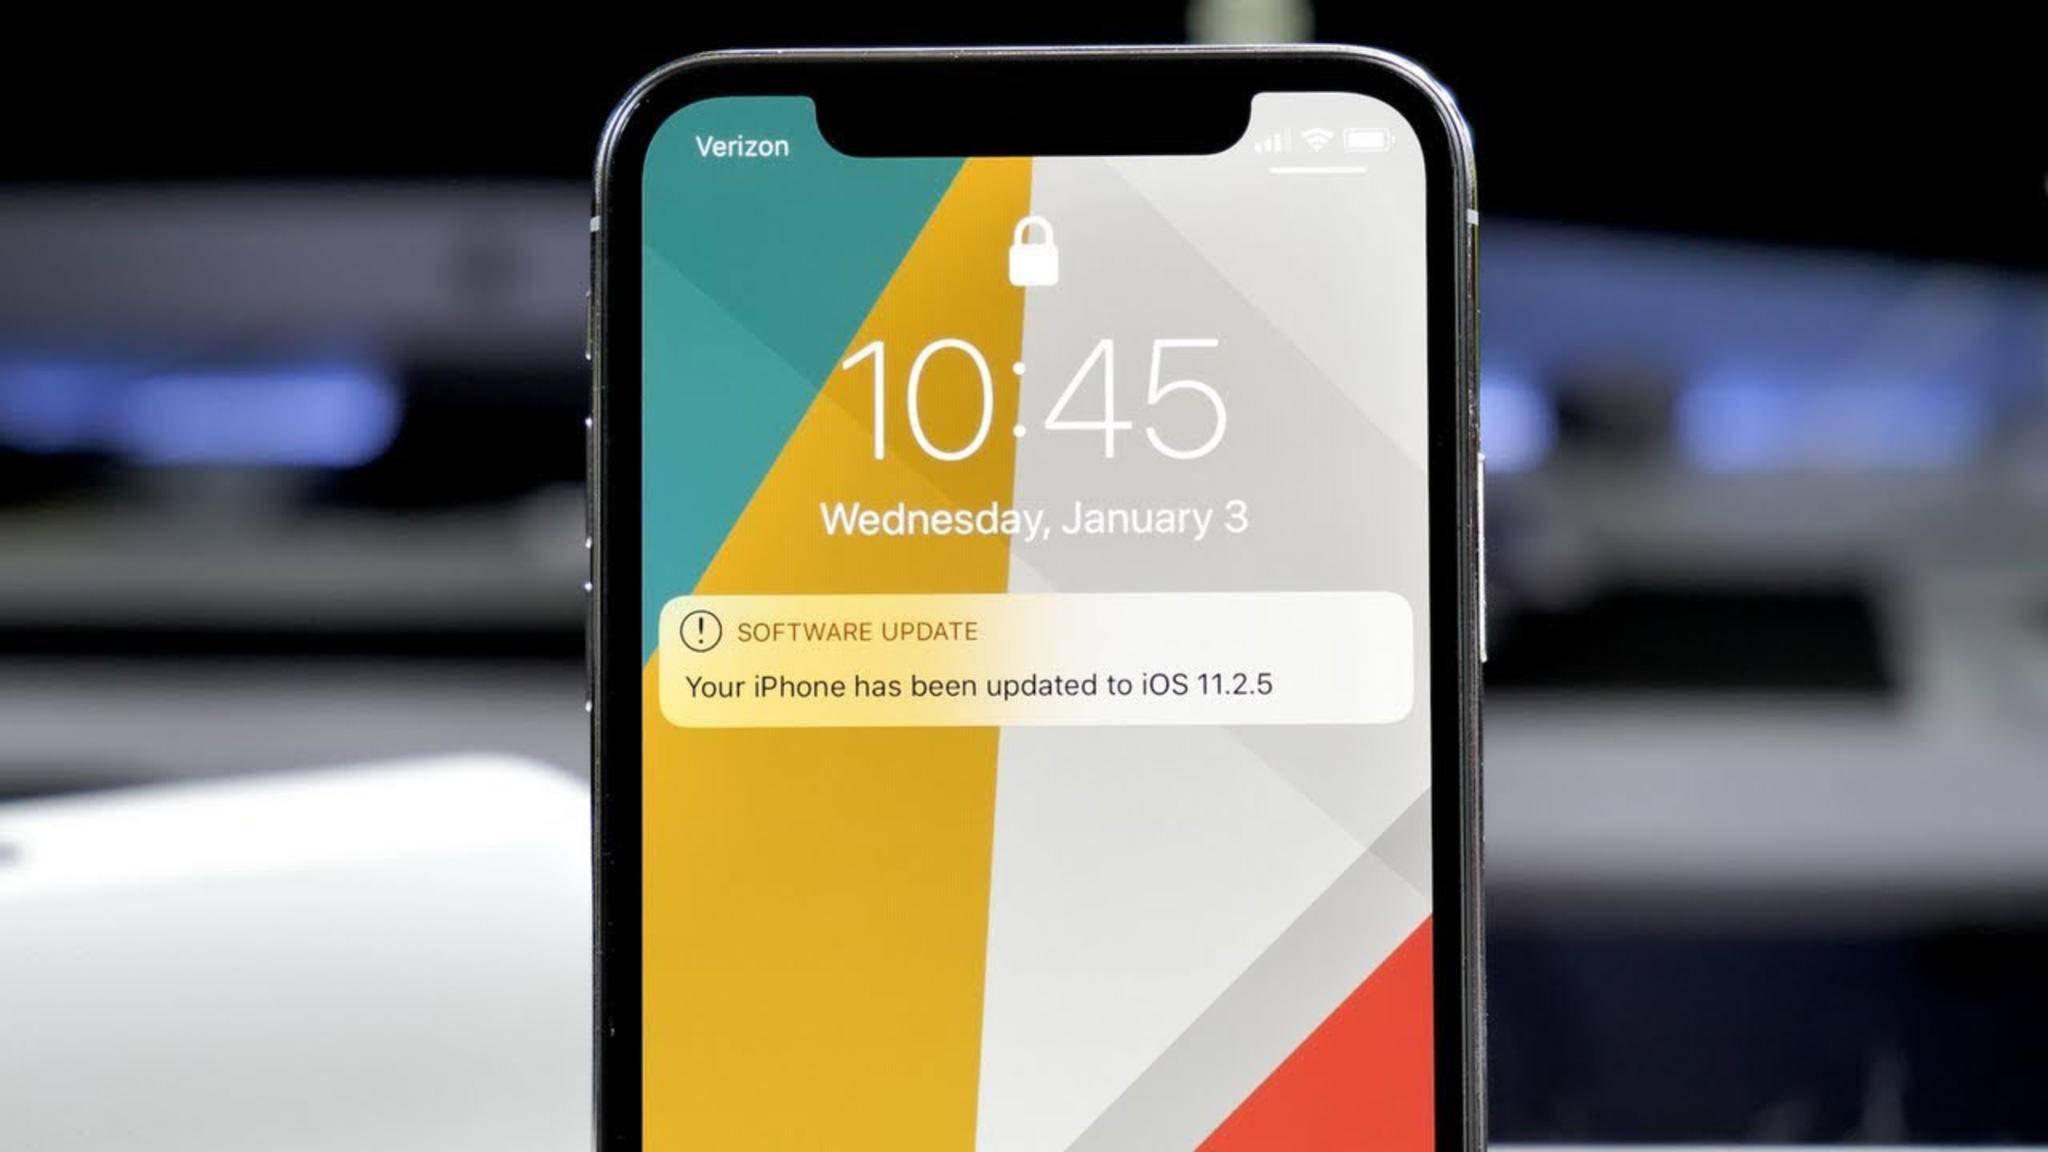 iOS 11.2.5 bringt unter anderem die Unterstützung für den Apple HomePod.